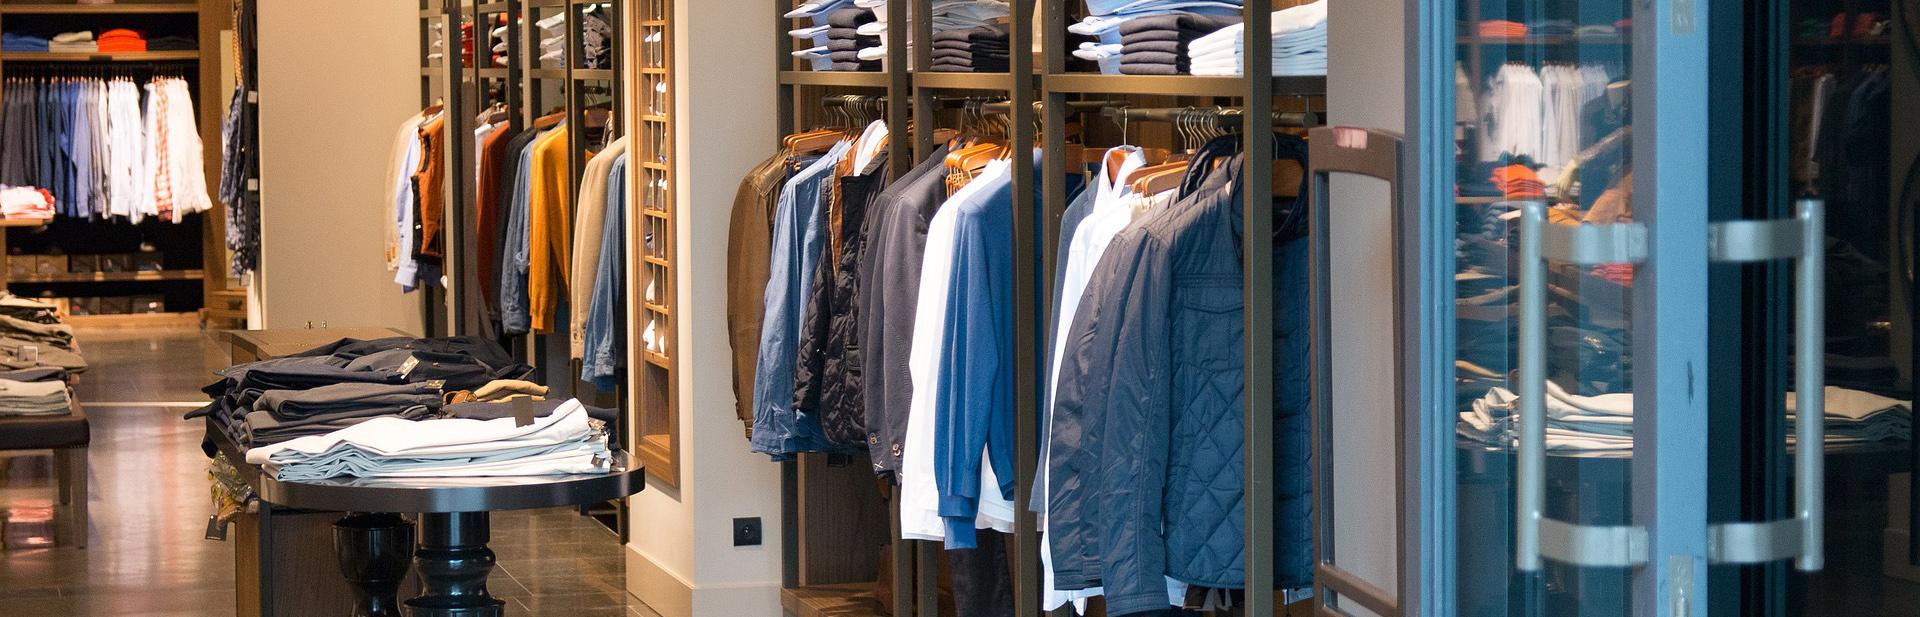 sector moda erp